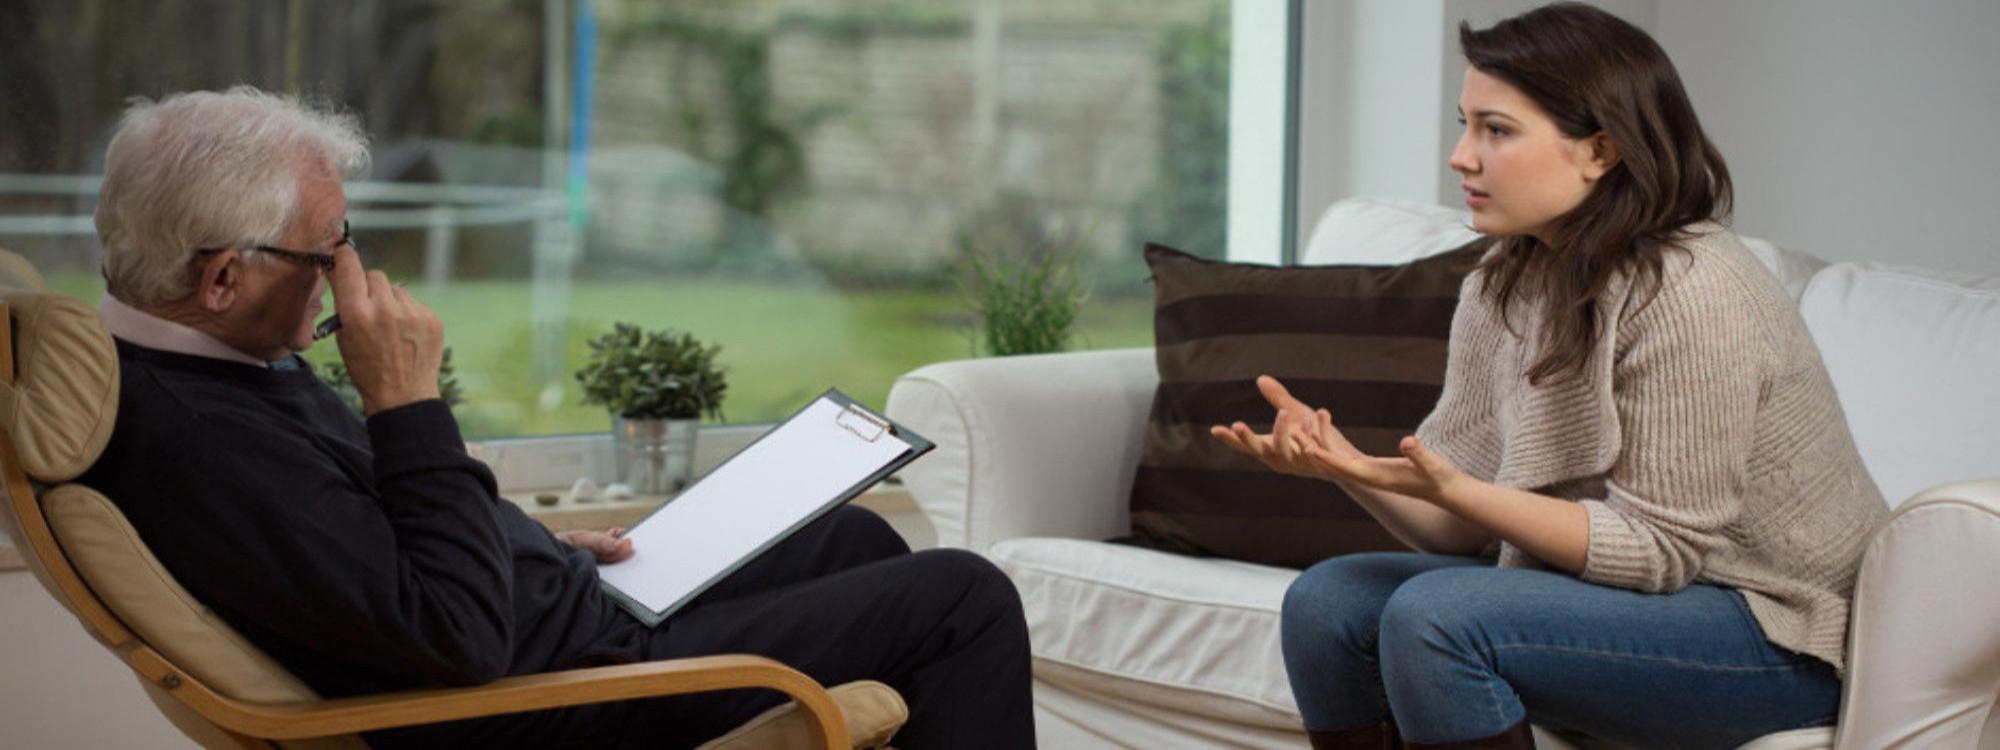 Foto de chica joven sentada en un sofá, hablando con un psicólogo mayor sentada en una butaca.